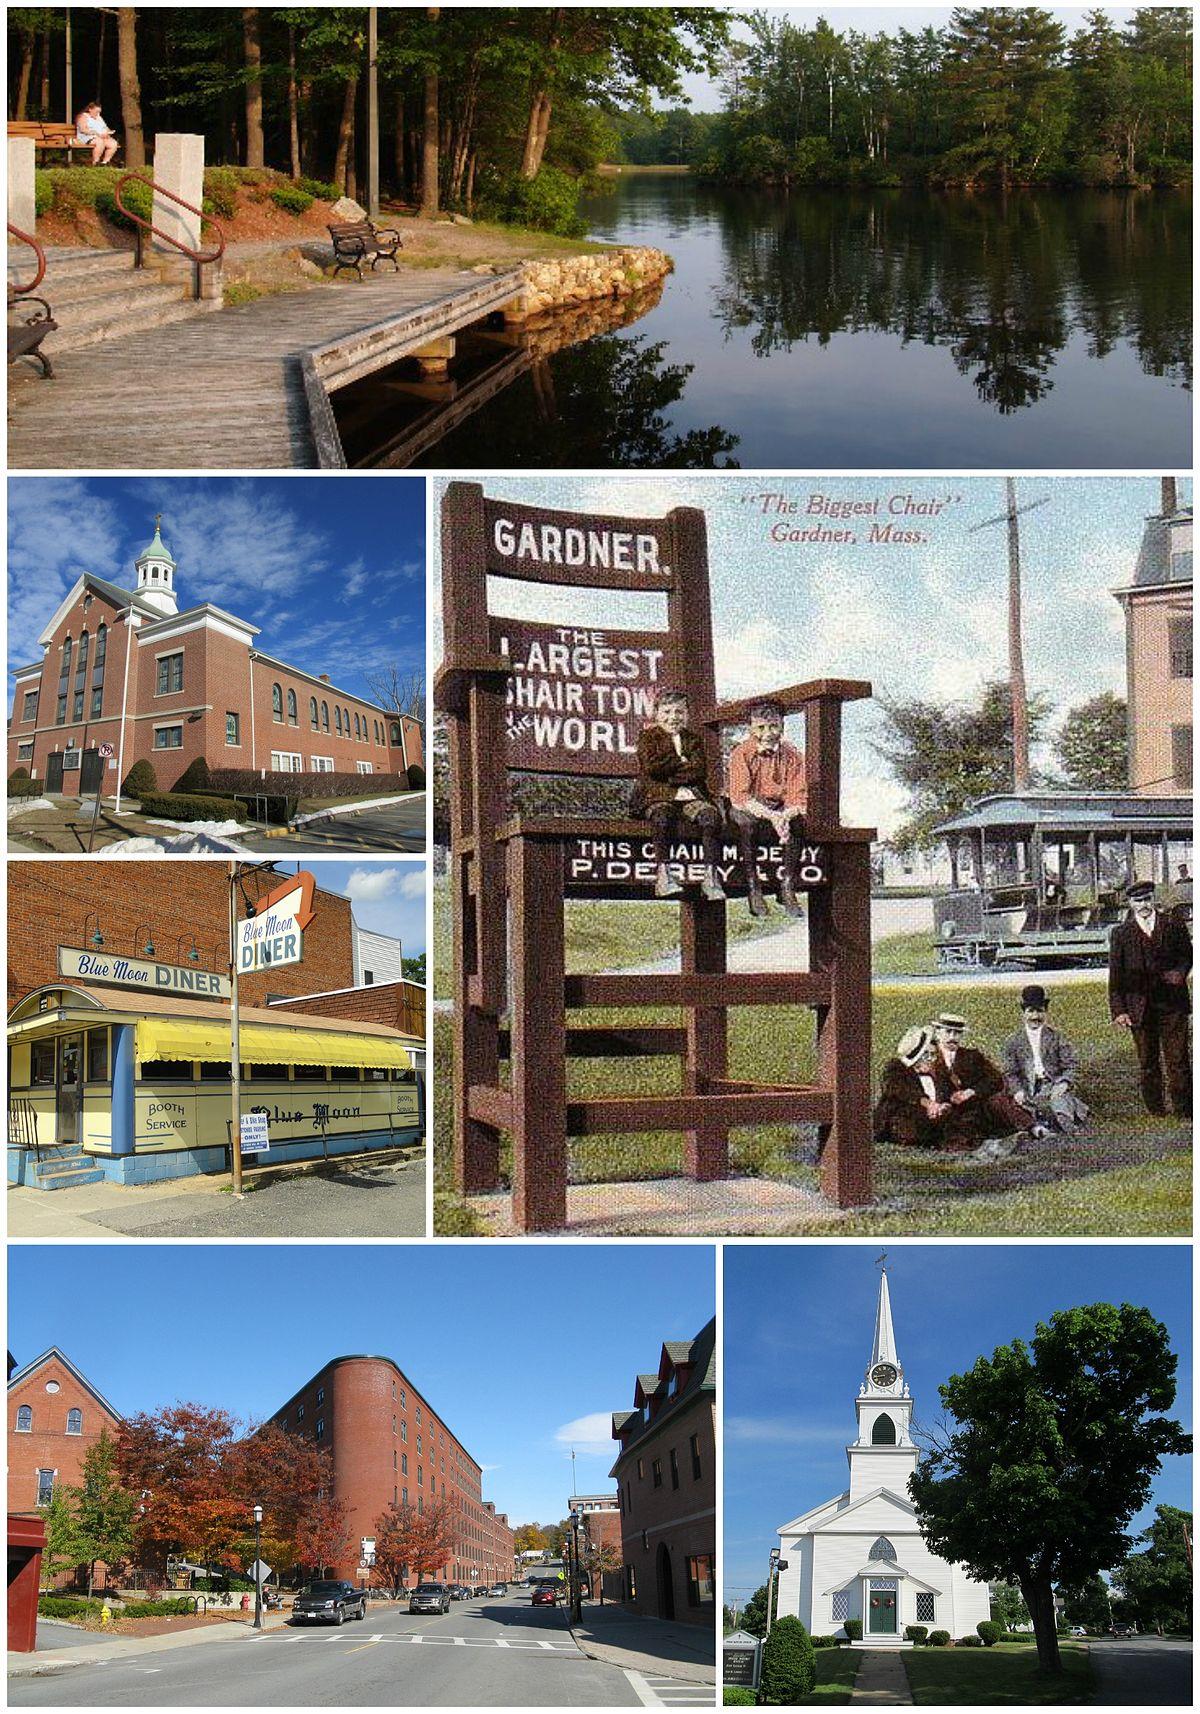 Gardner Massachusetts